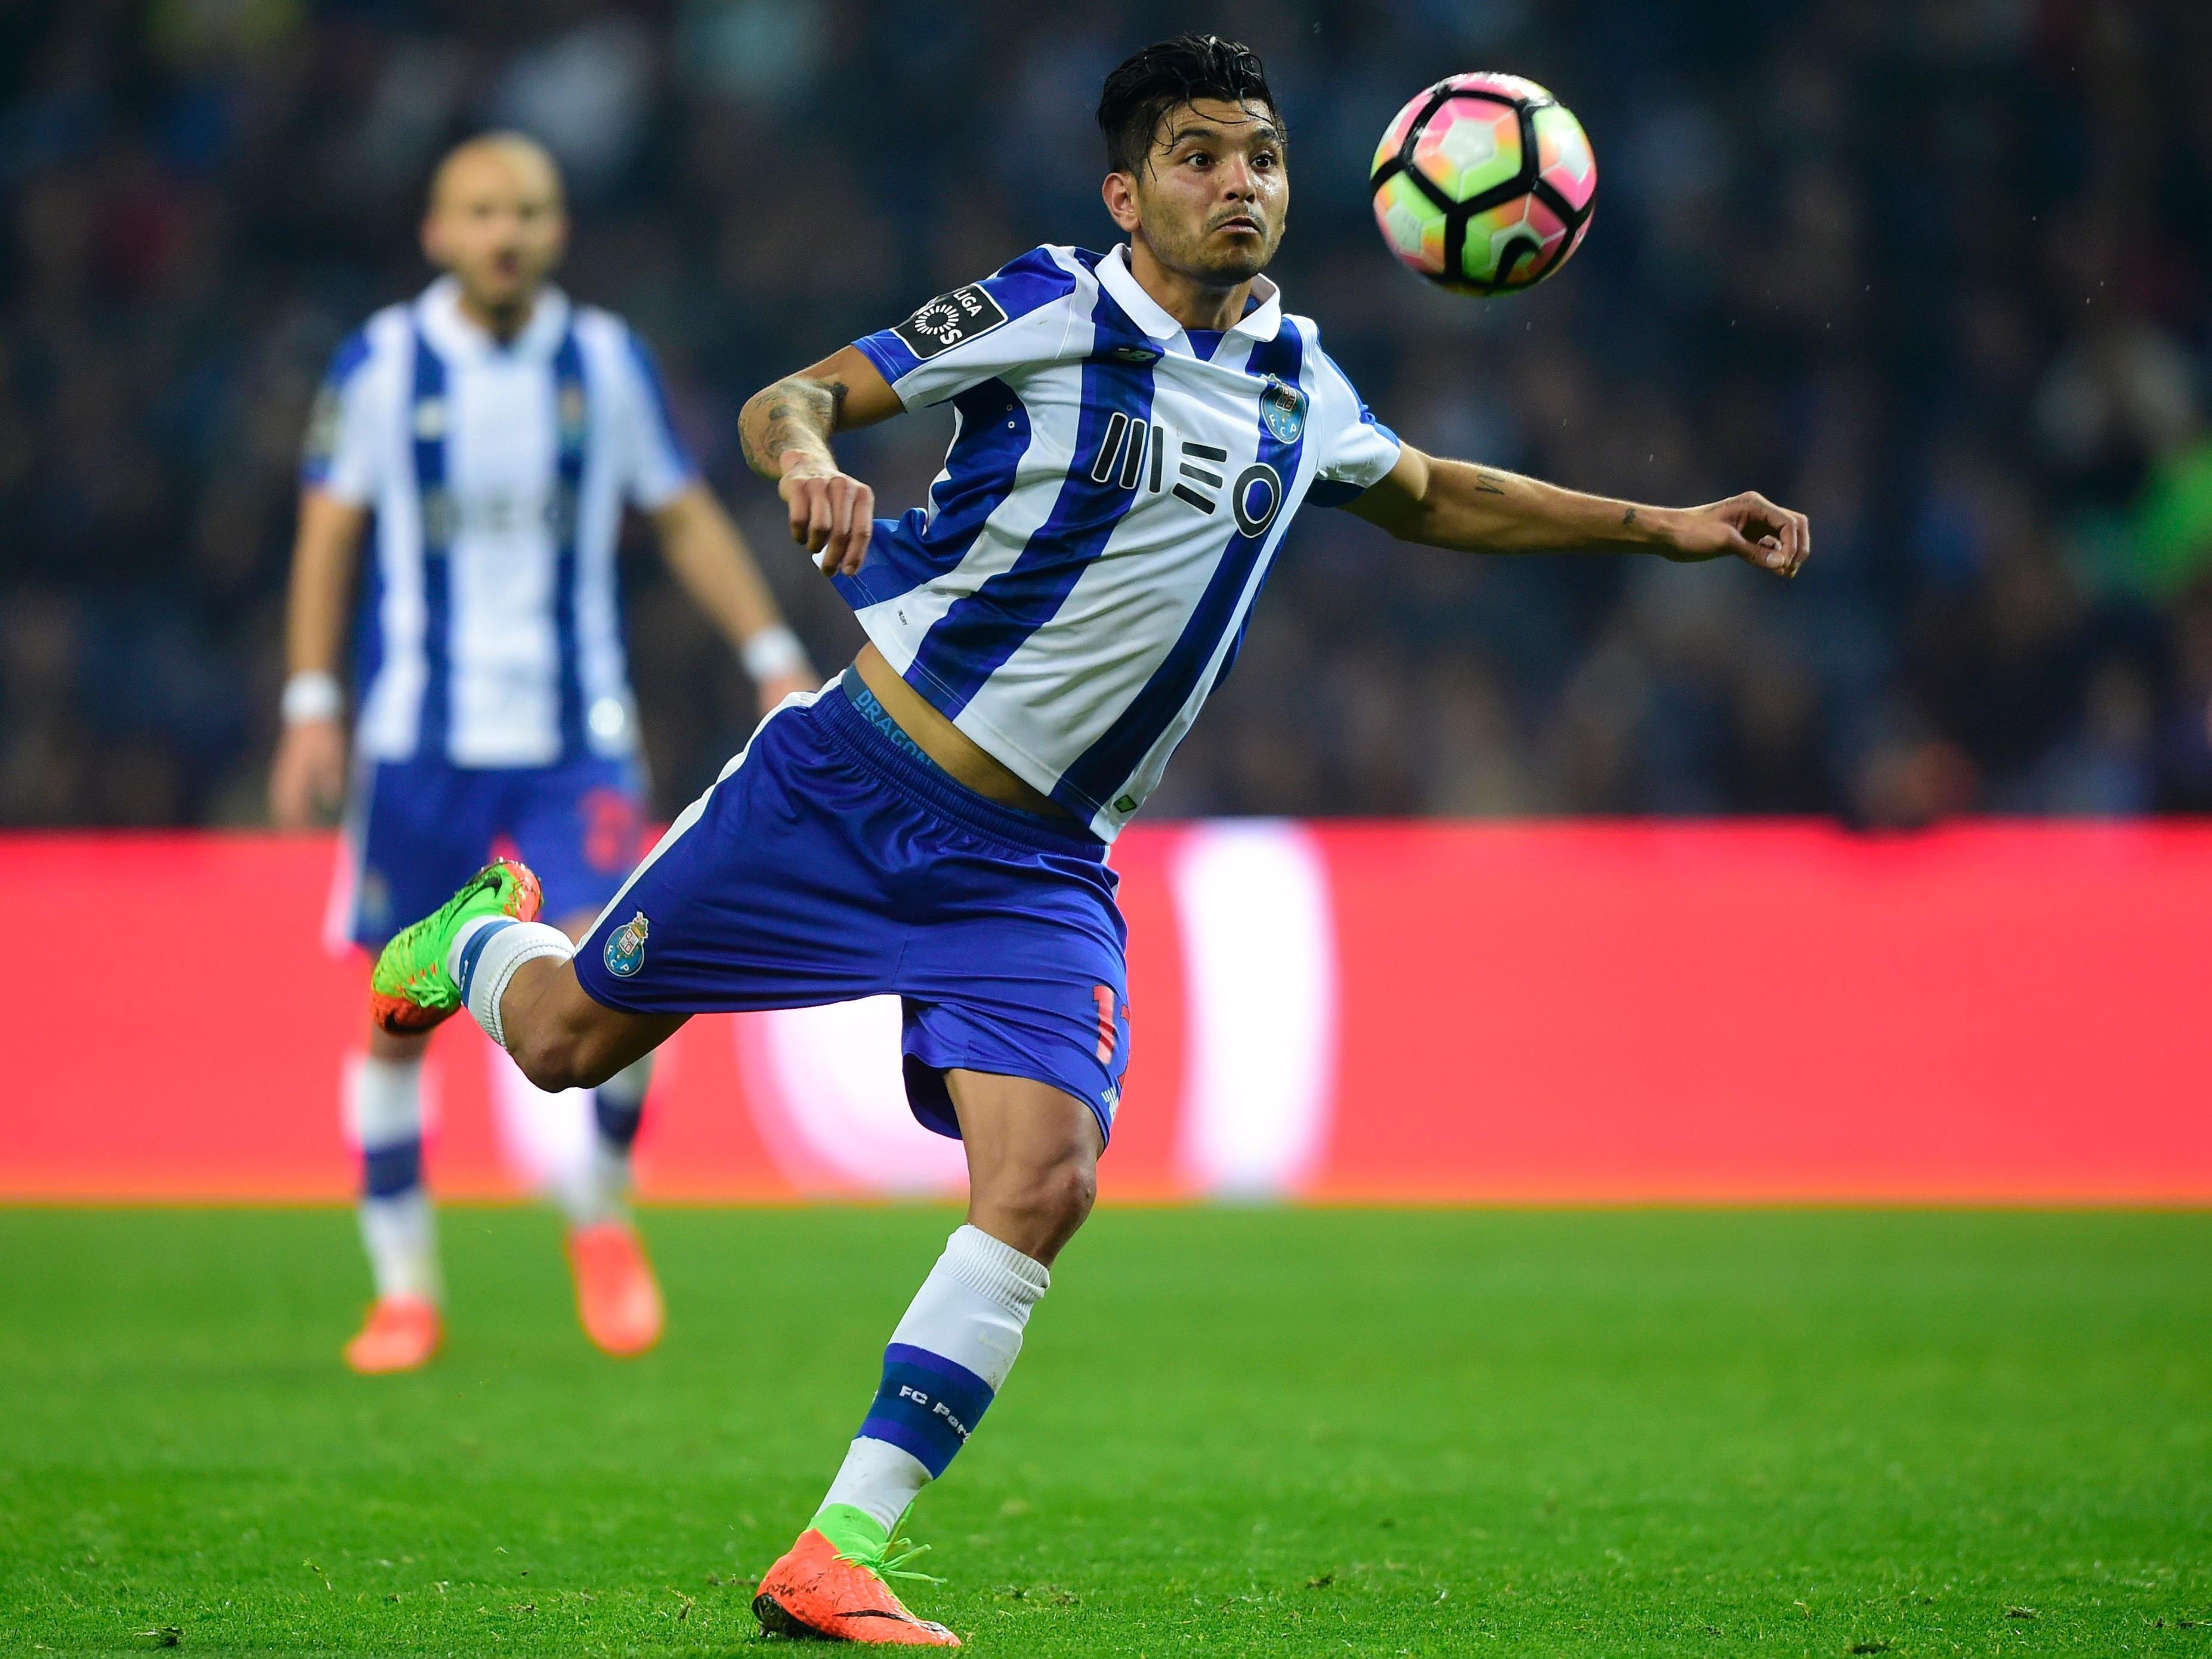 Hier können Sie das Match zwischen FC Porto und Juventus Turin live verfolgen.